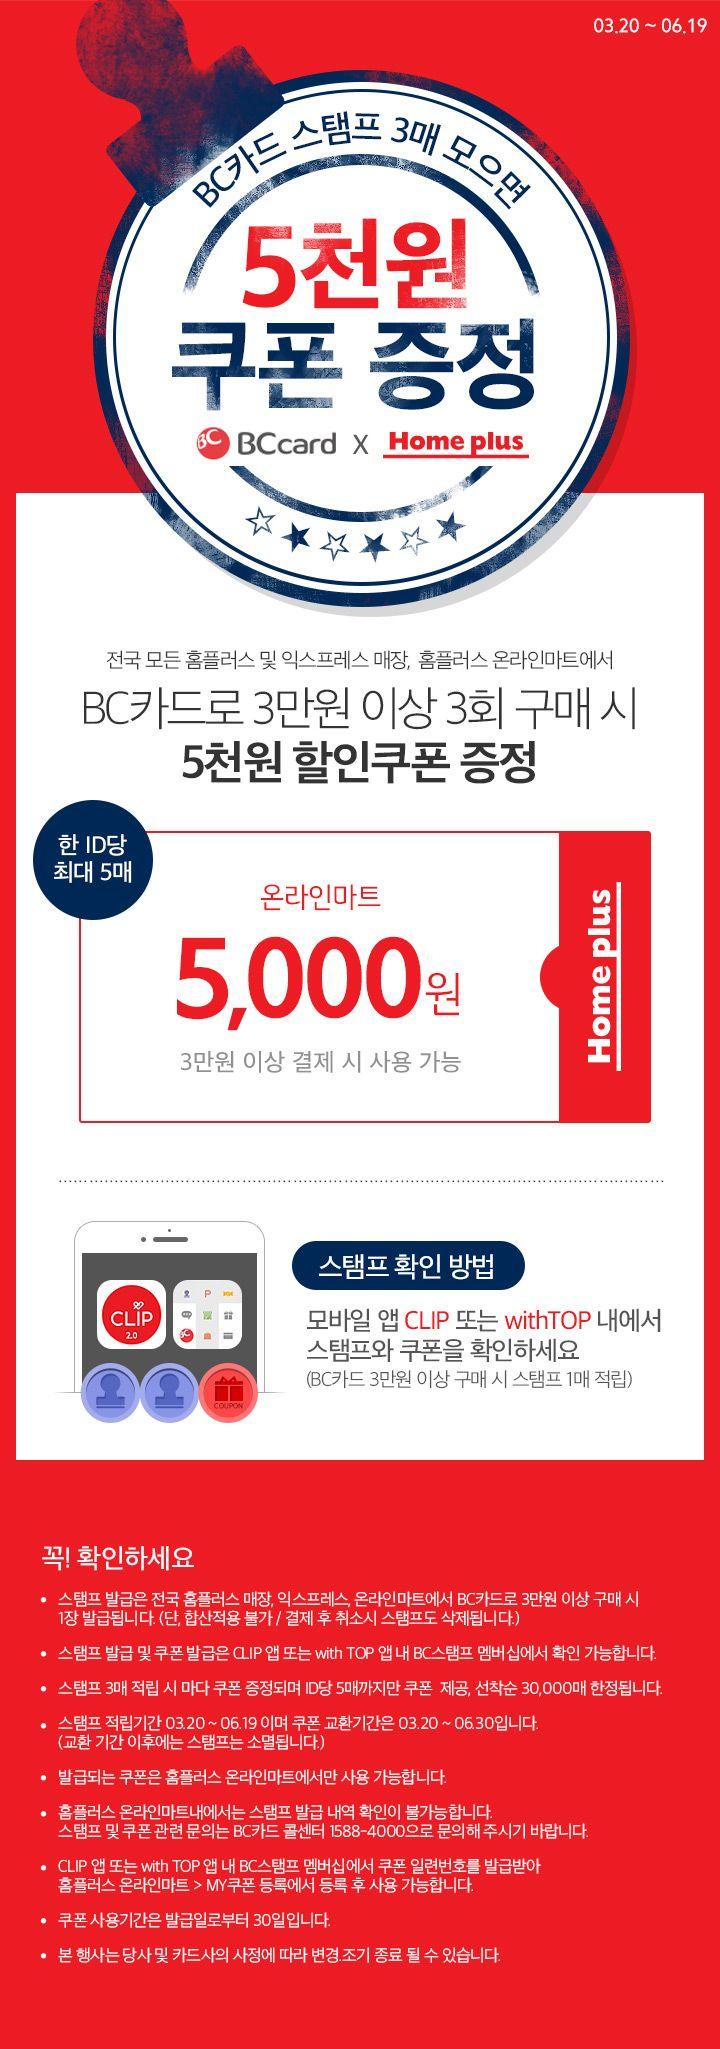 홈플러스 온라인쇼핑 l BC카드 스탬프